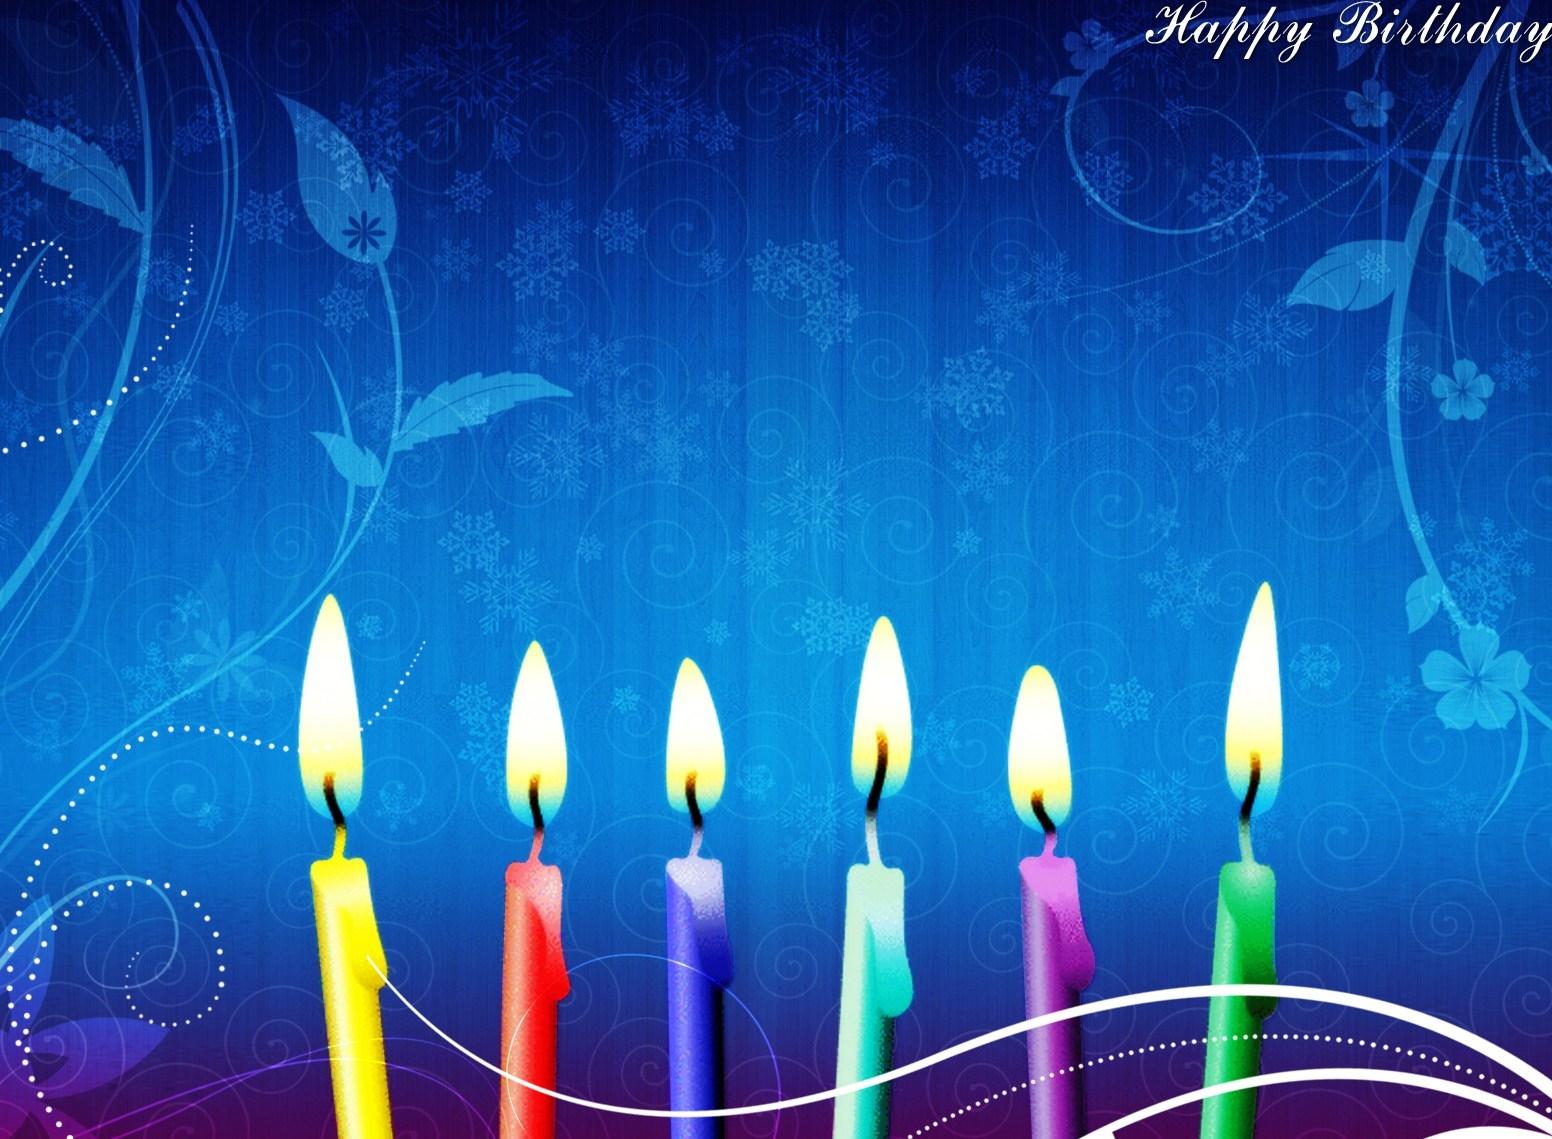 Свечи для днем рождения - С Днем Рождения поздравительные картинки